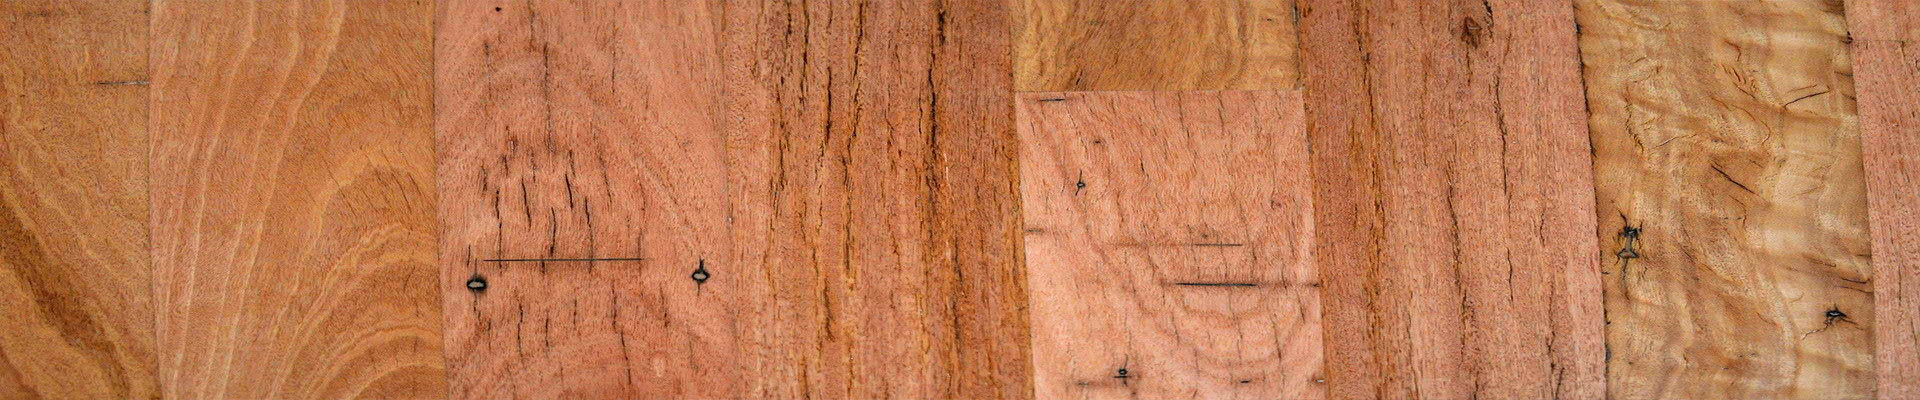 Balckbutt Timber